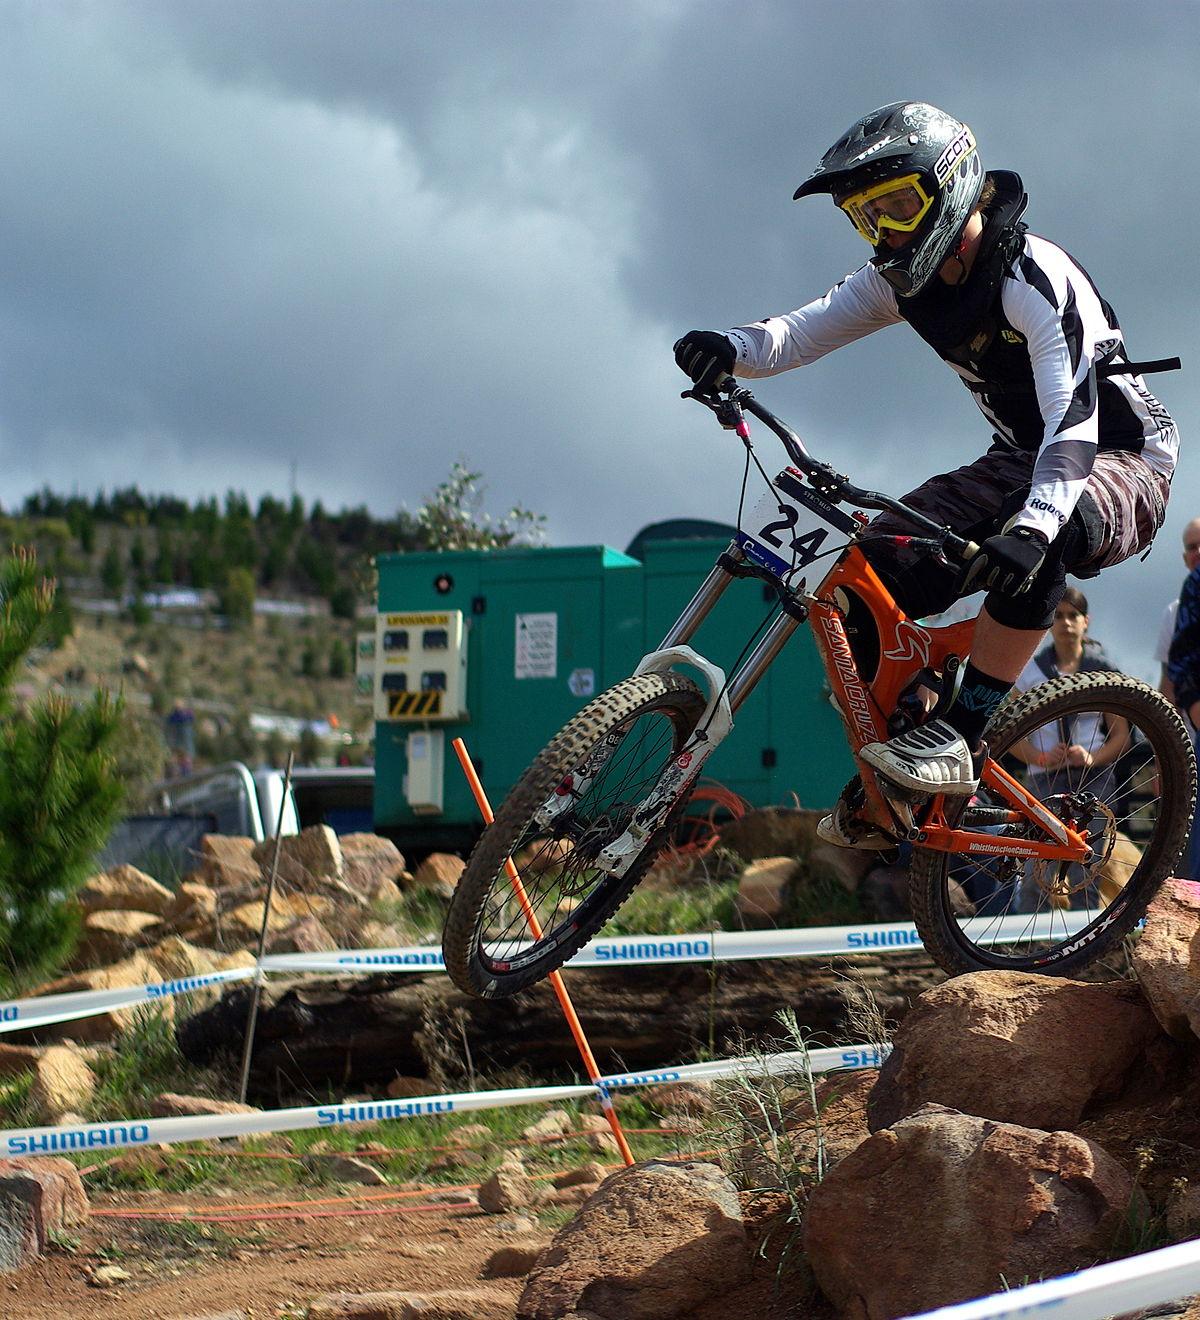 6c79492d4 Downhill mountain biking - Wikipedia